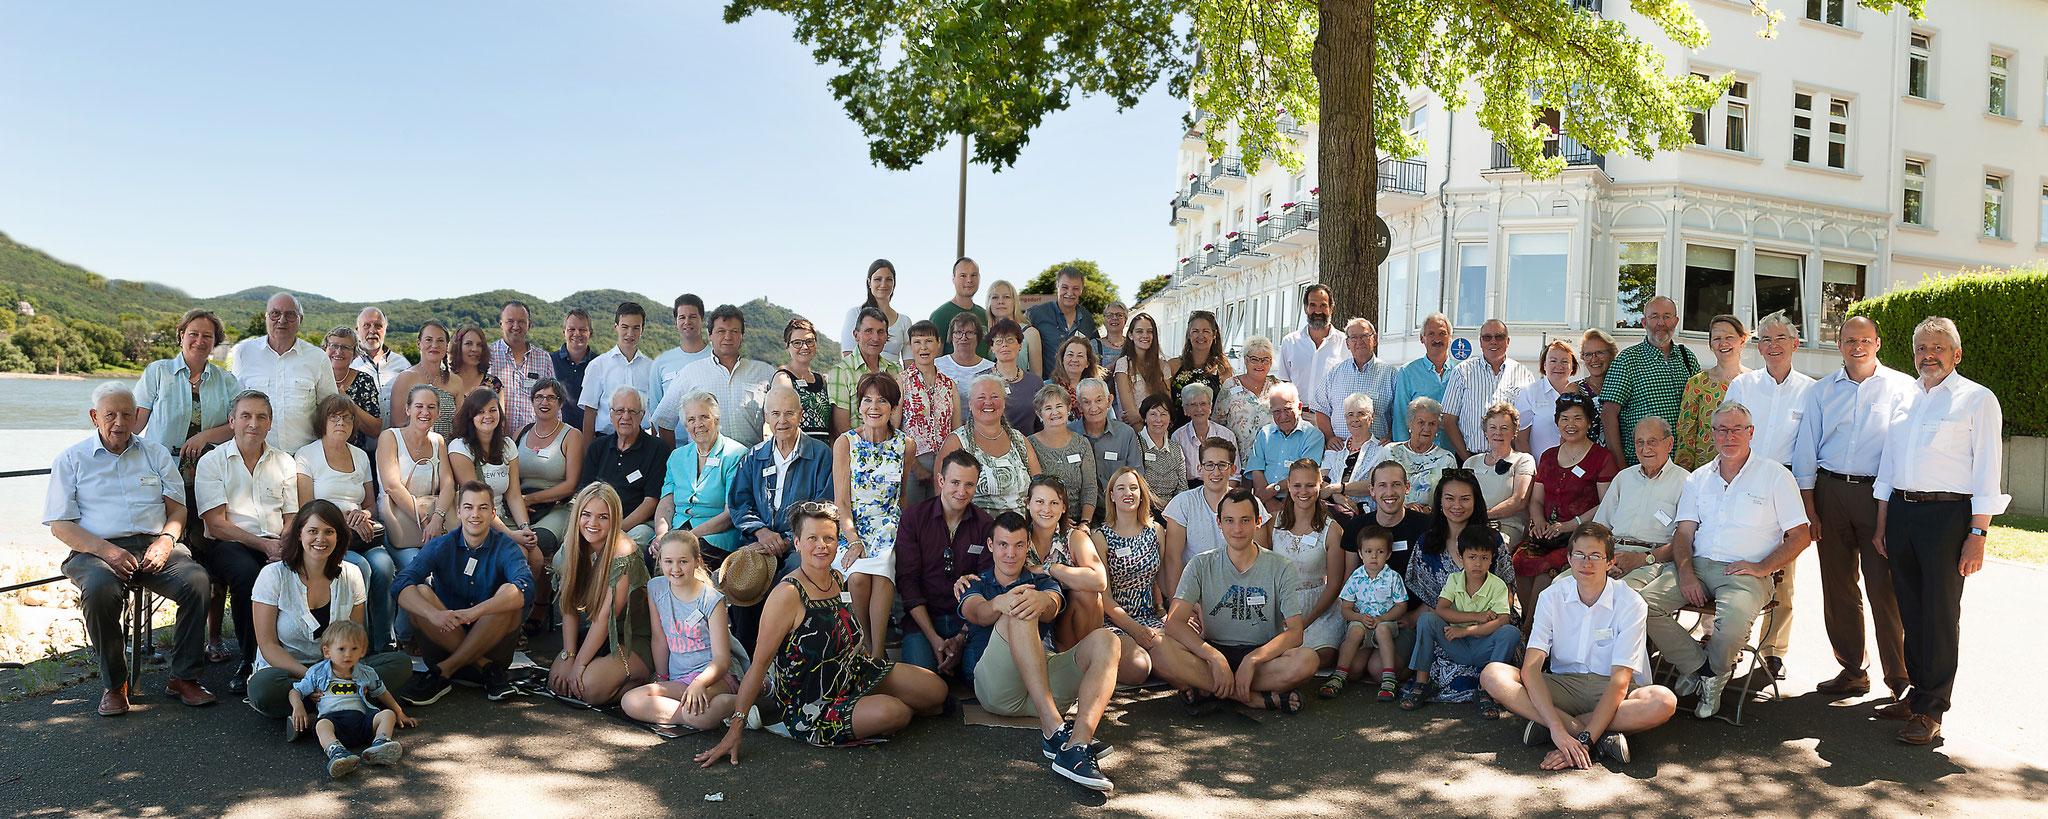 90 jähriges Jubiläum Rheinhotel Dreesen Bonn 2018